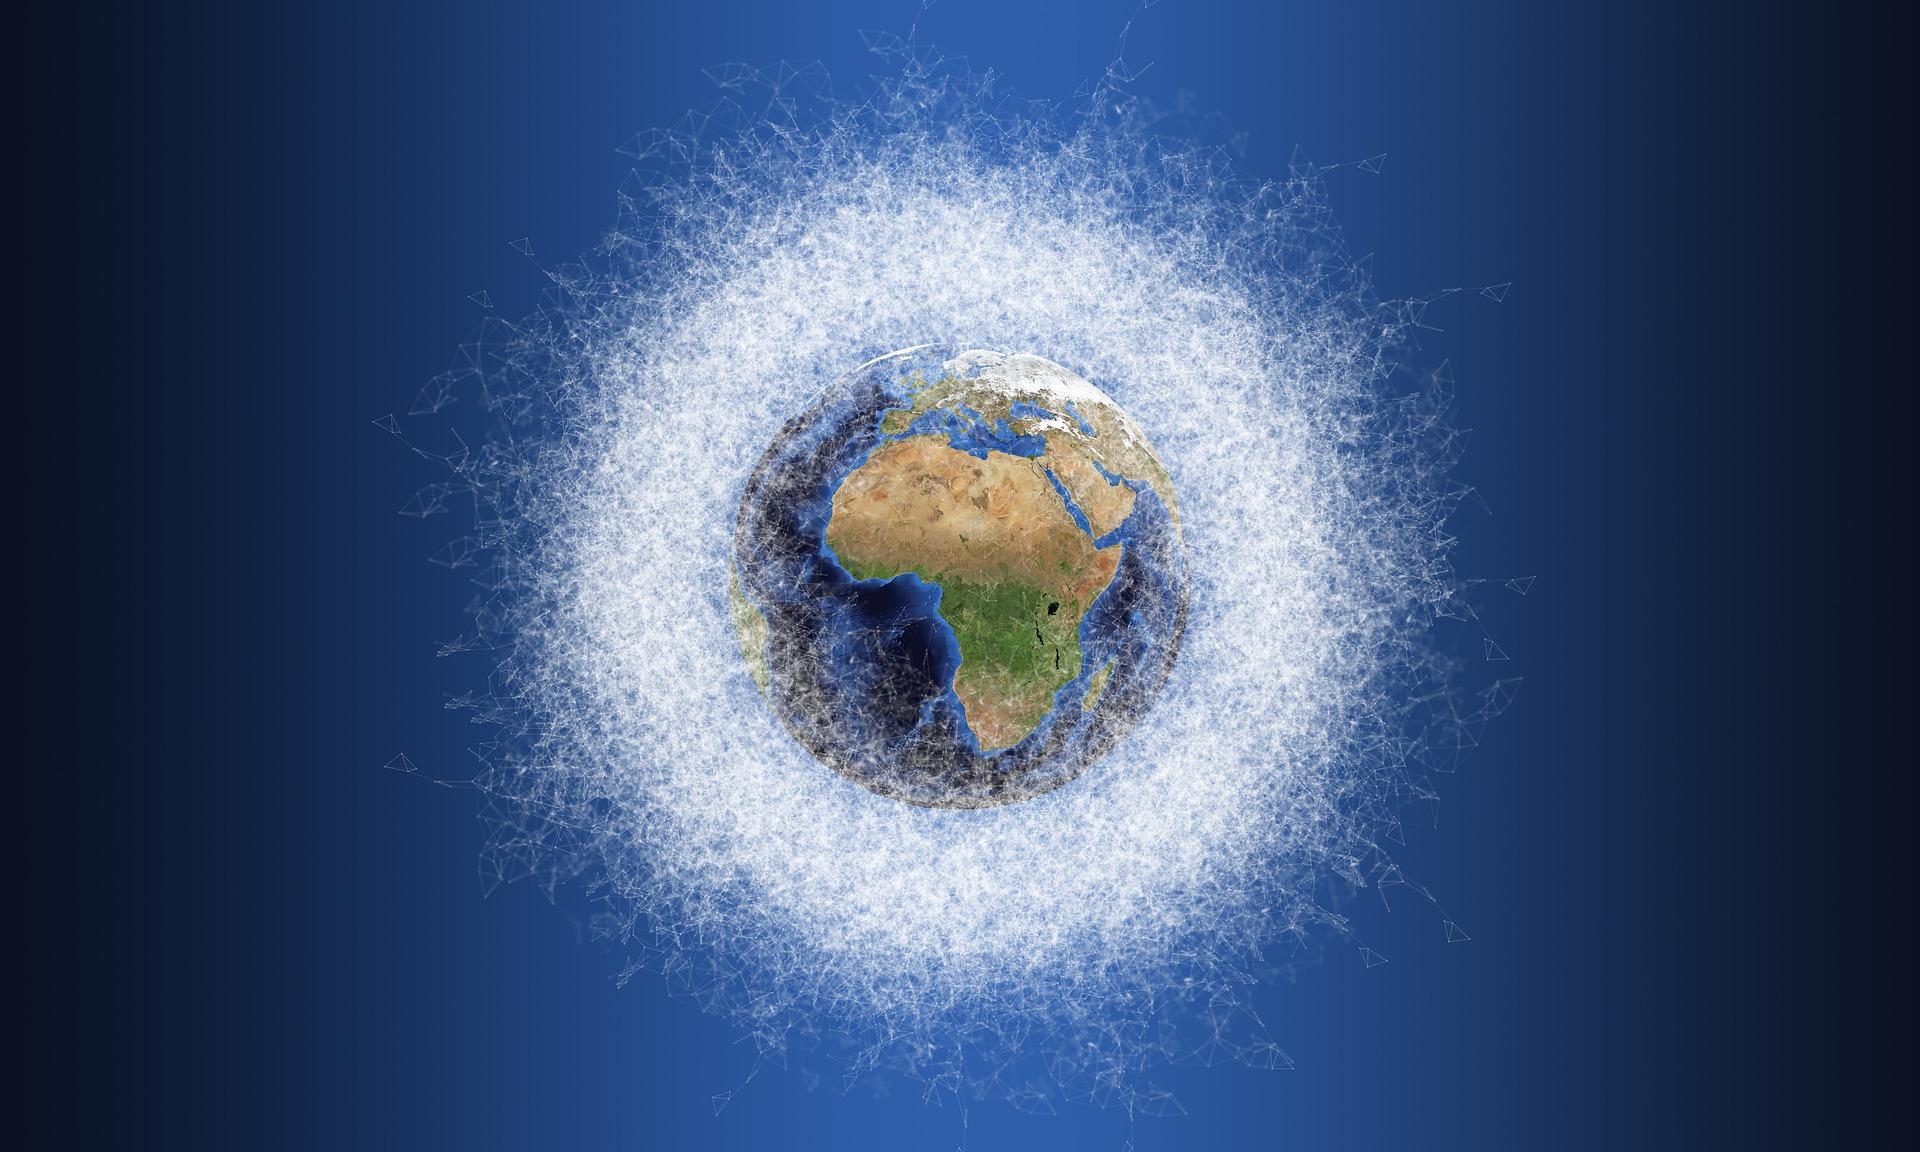 Mundo hiperconectado. Pete Linforth en Pixabay